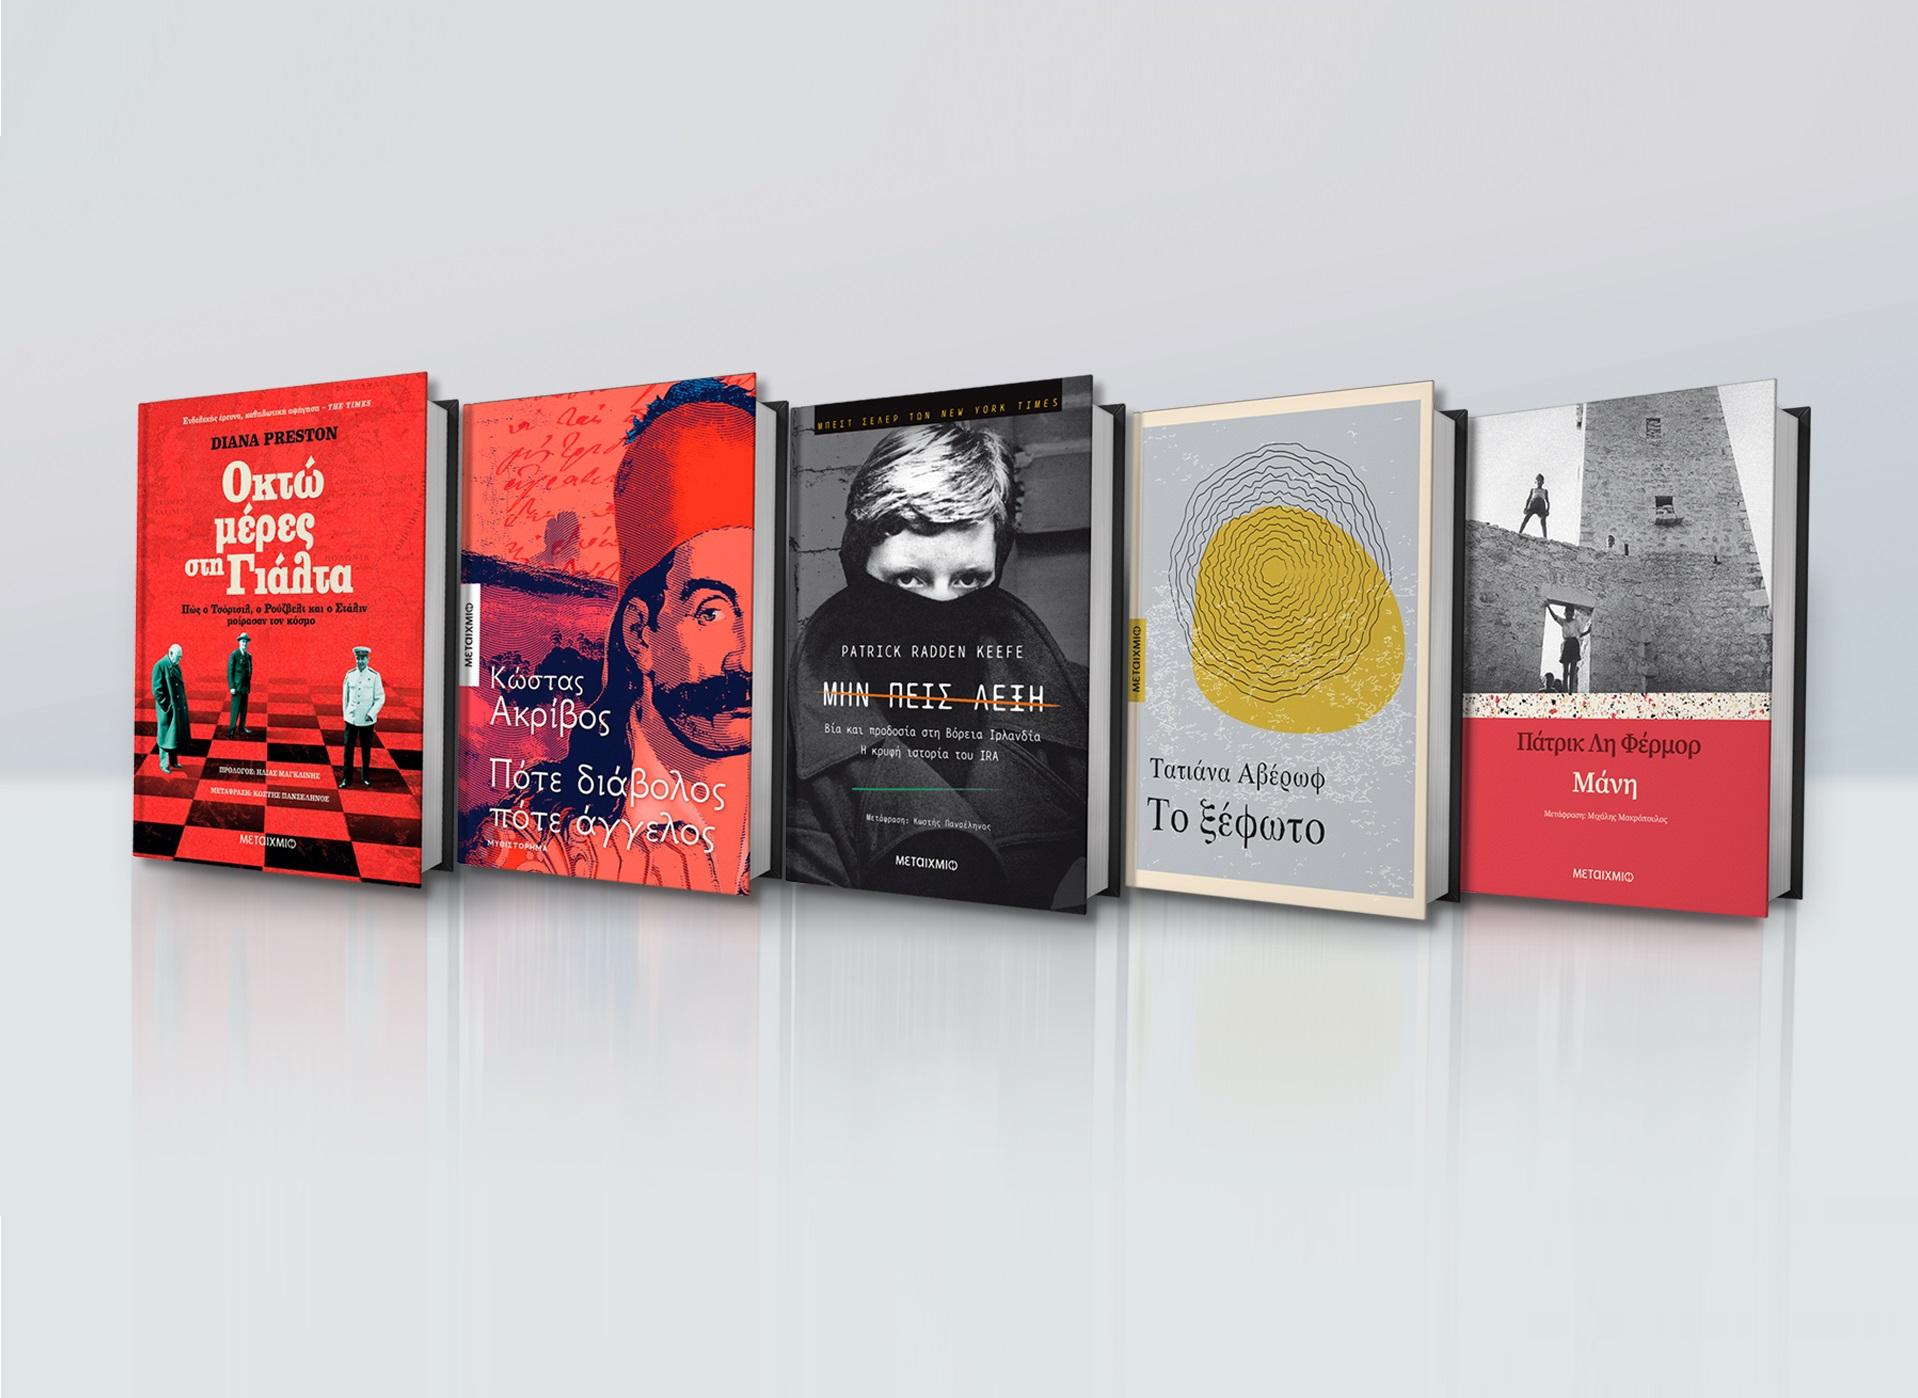 5 συναρπαστικά βιβλία με ιστορικό περιεχόμενο για το καλοκαίρι. Από τον IRA στη Μάνη του Πάτρικ Λη Φέρμορ. Η υπόθεση που διαλευκάνθηκε 30 χρόνια μετά και μια αποκάλυψη για τον Καραϊσκάκη